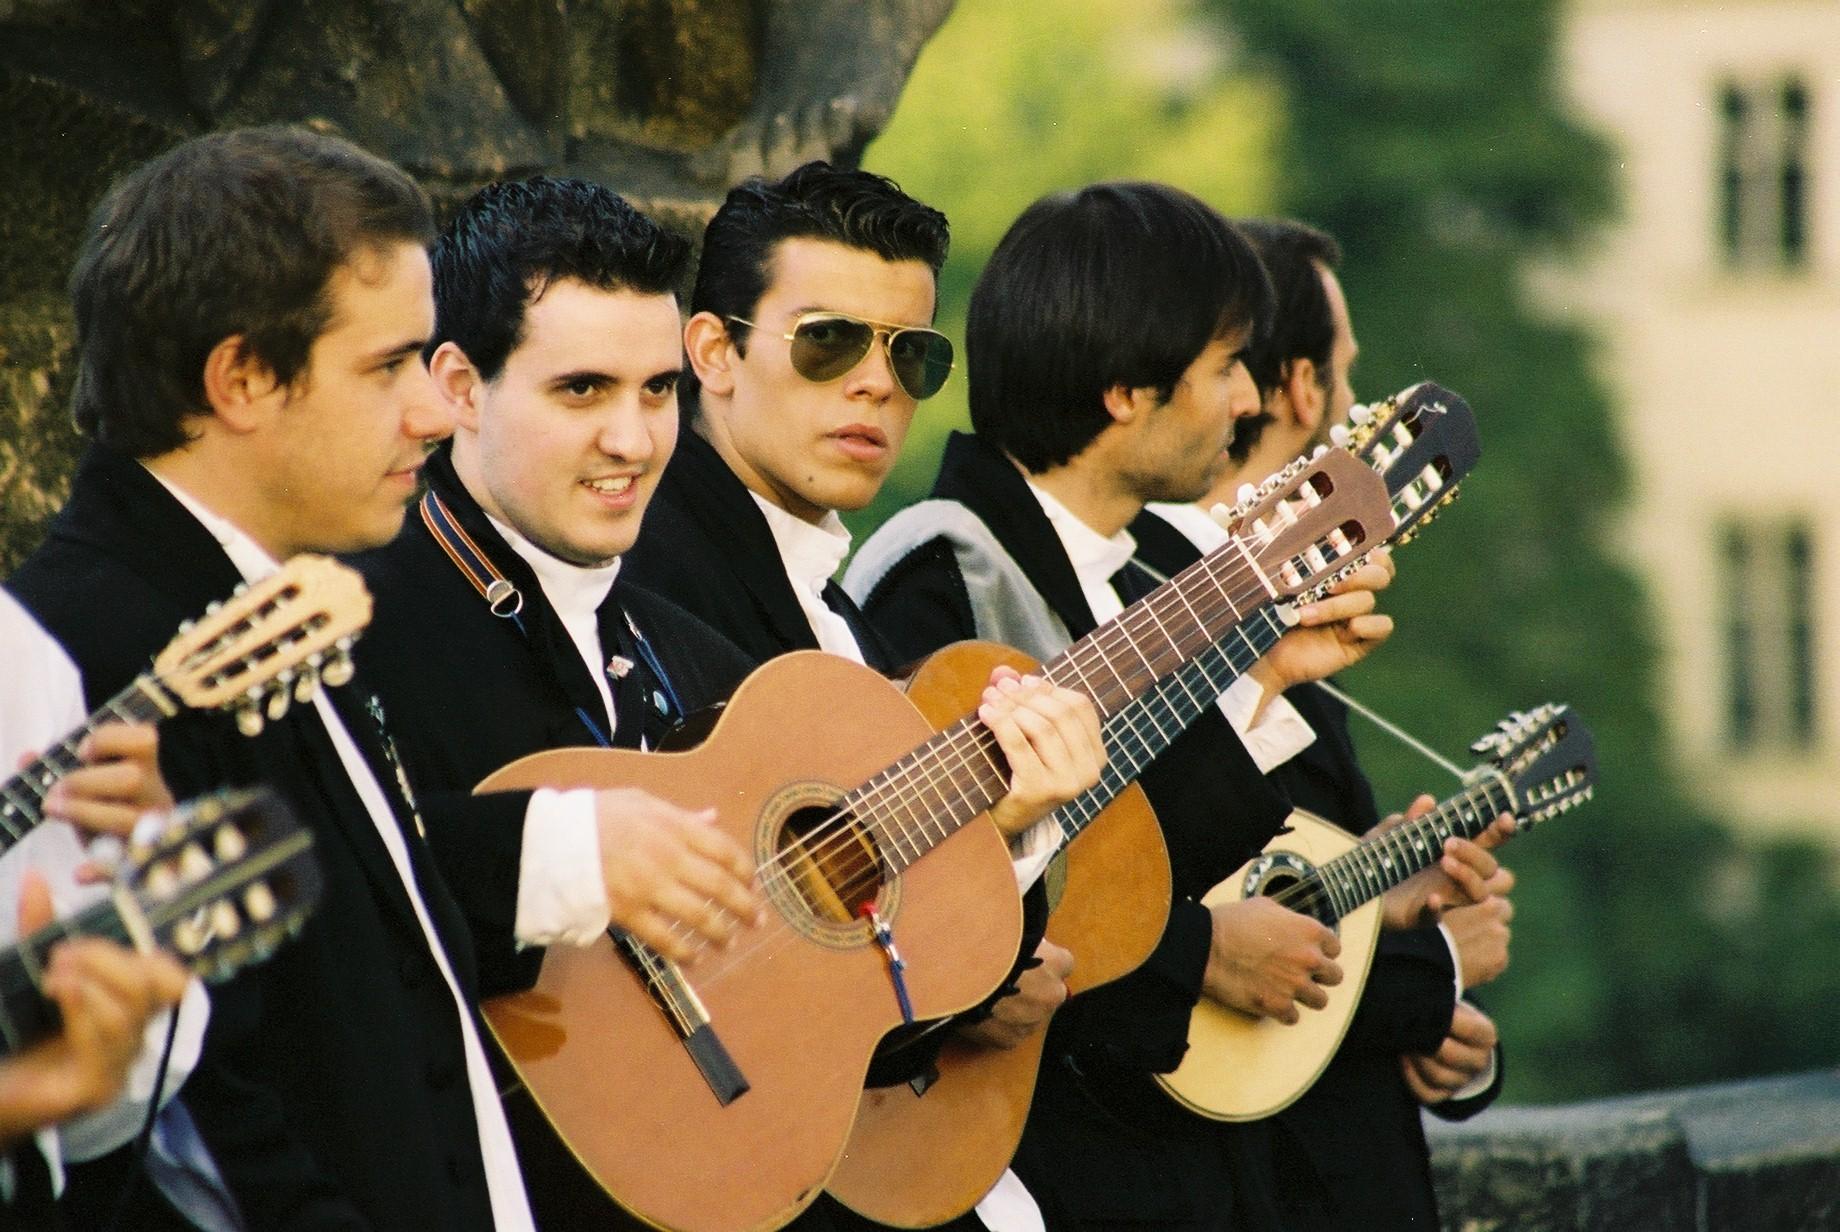 Portugezen uit Coimbra